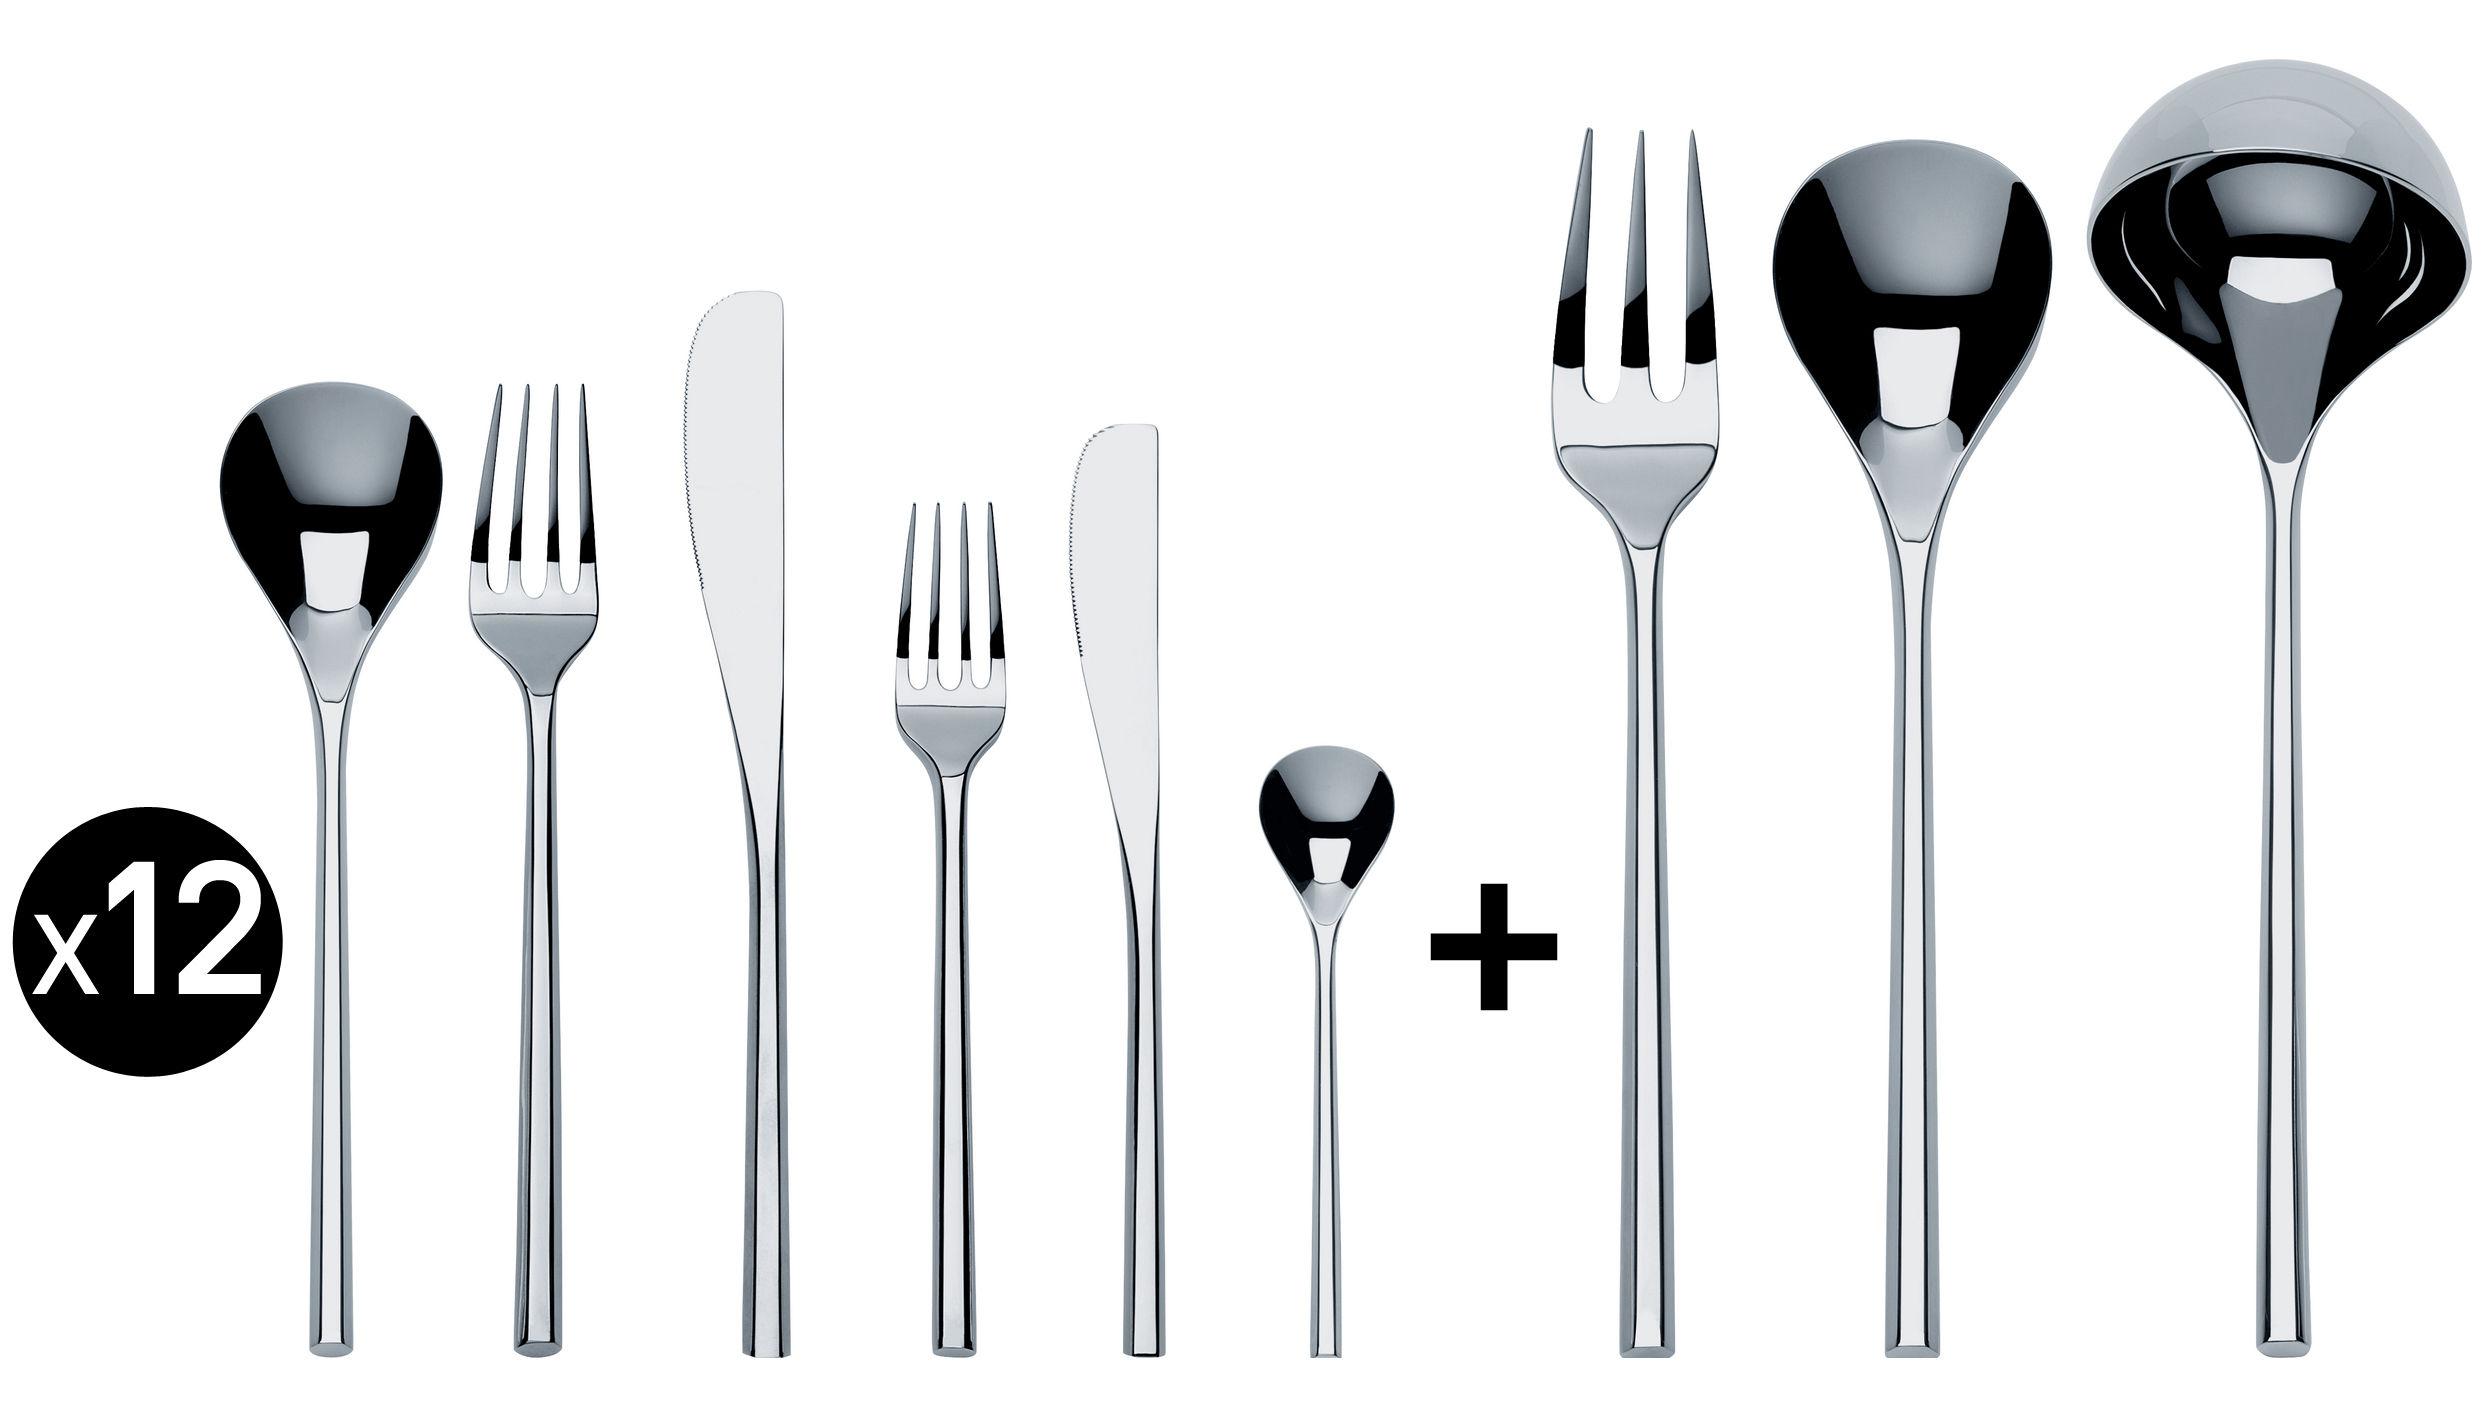 Arts de la table - Couverts de table - Ménagère Mu / Coffret 75 couverts - Alessi - Set 12 personnes / Acier - Acier inoxydable 18/10